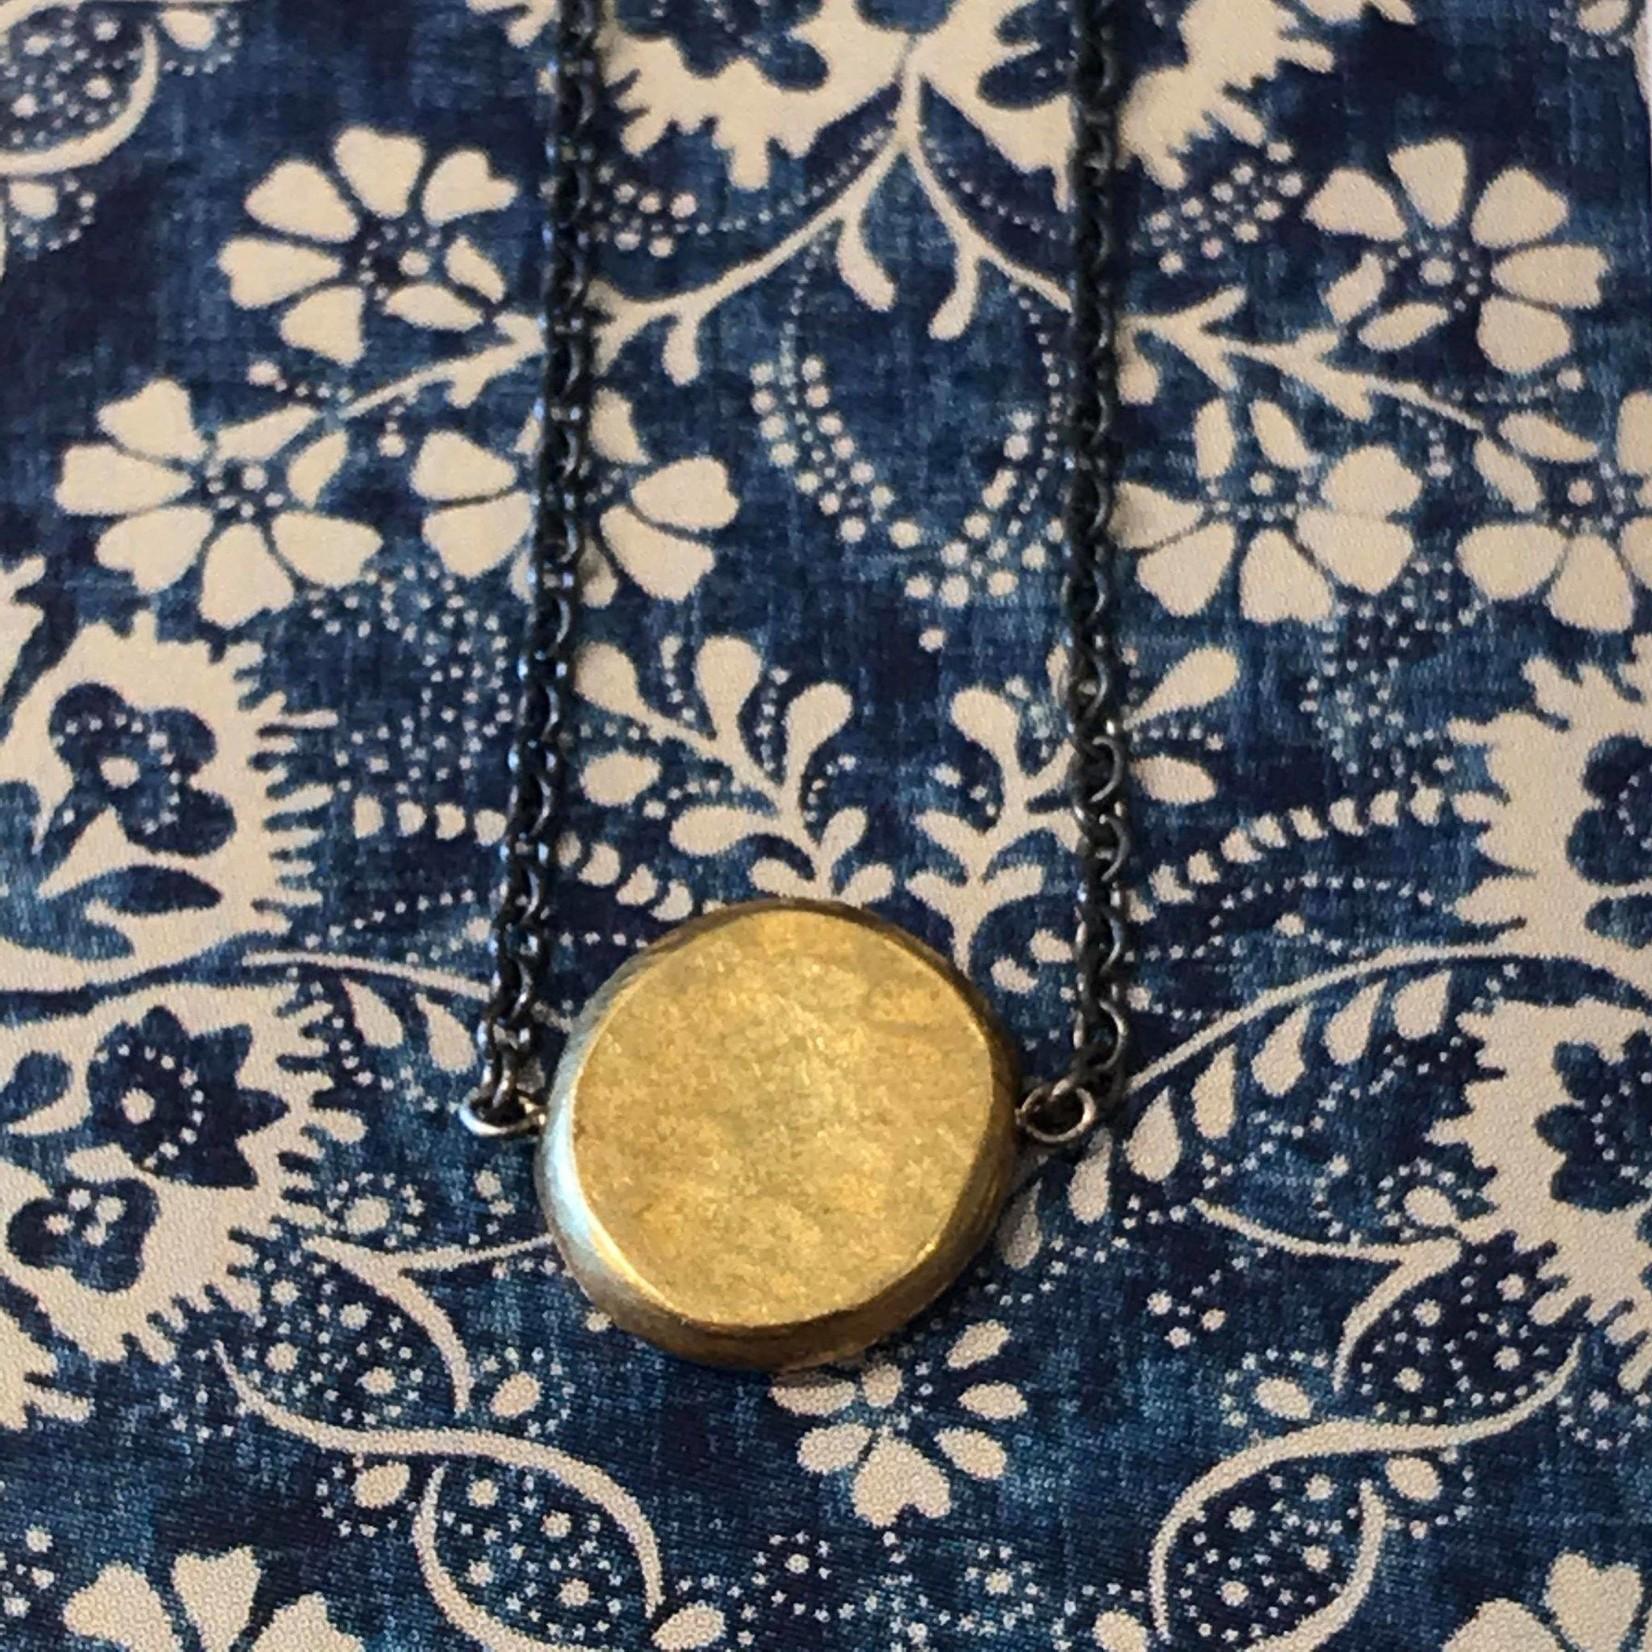 Himatsingka Jewelry Himatsingka Jewelry Gold Nugget Pendant Oxidized